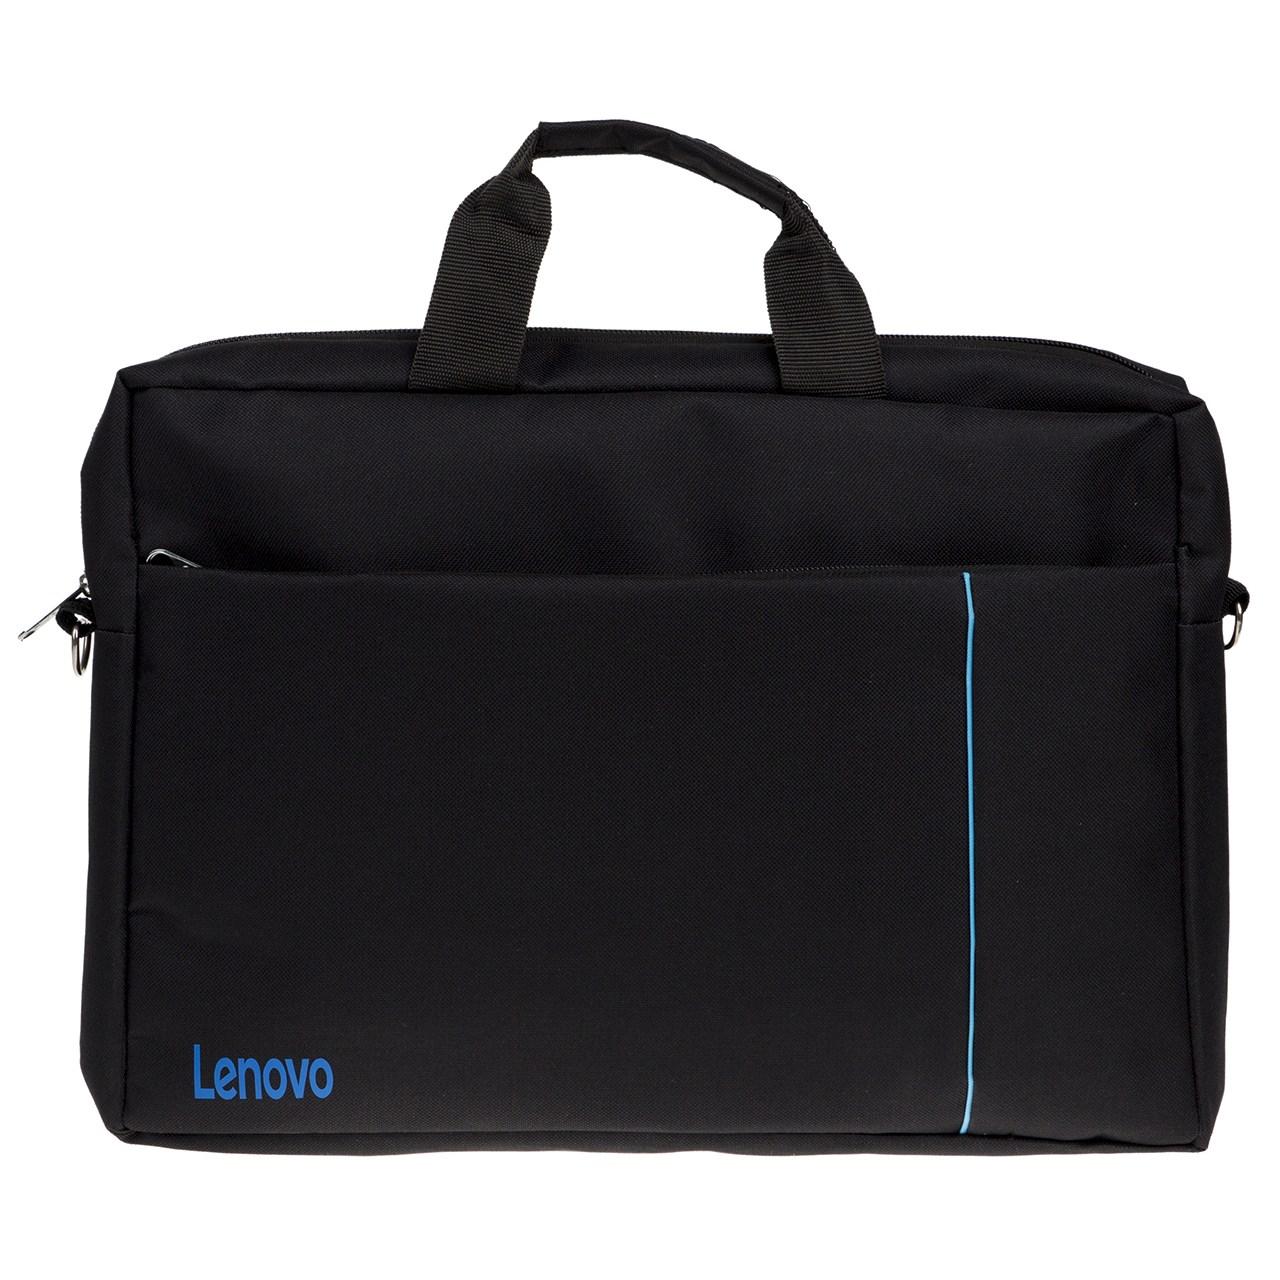 کیف لپ تاپ مدل Lenovo مناسب برای لپ تاپ 15.6 اینچی